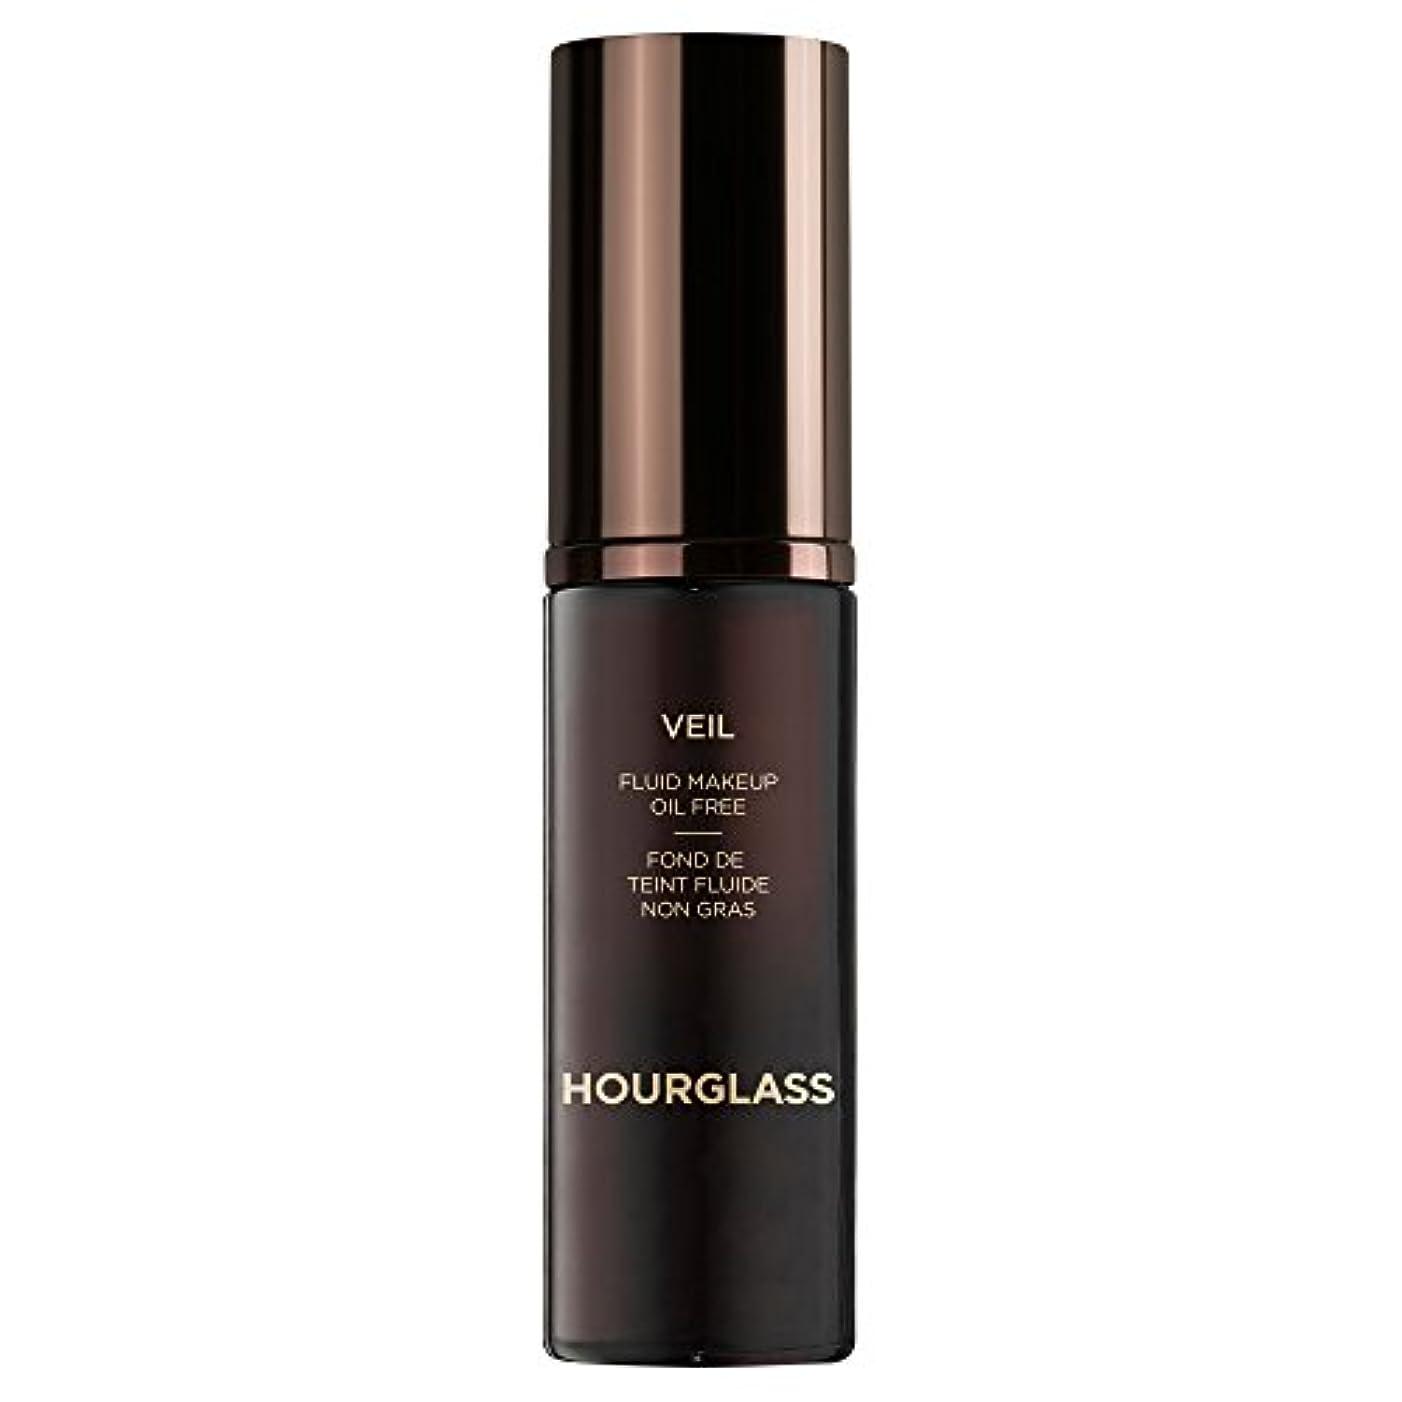 キルトディプロマポール流体化粧アイボリーベール砂時計 (Hourglass) (x2) - Hourglass Veil Fluid Makeup Ivory (Pack of 2) [並行輸入品]